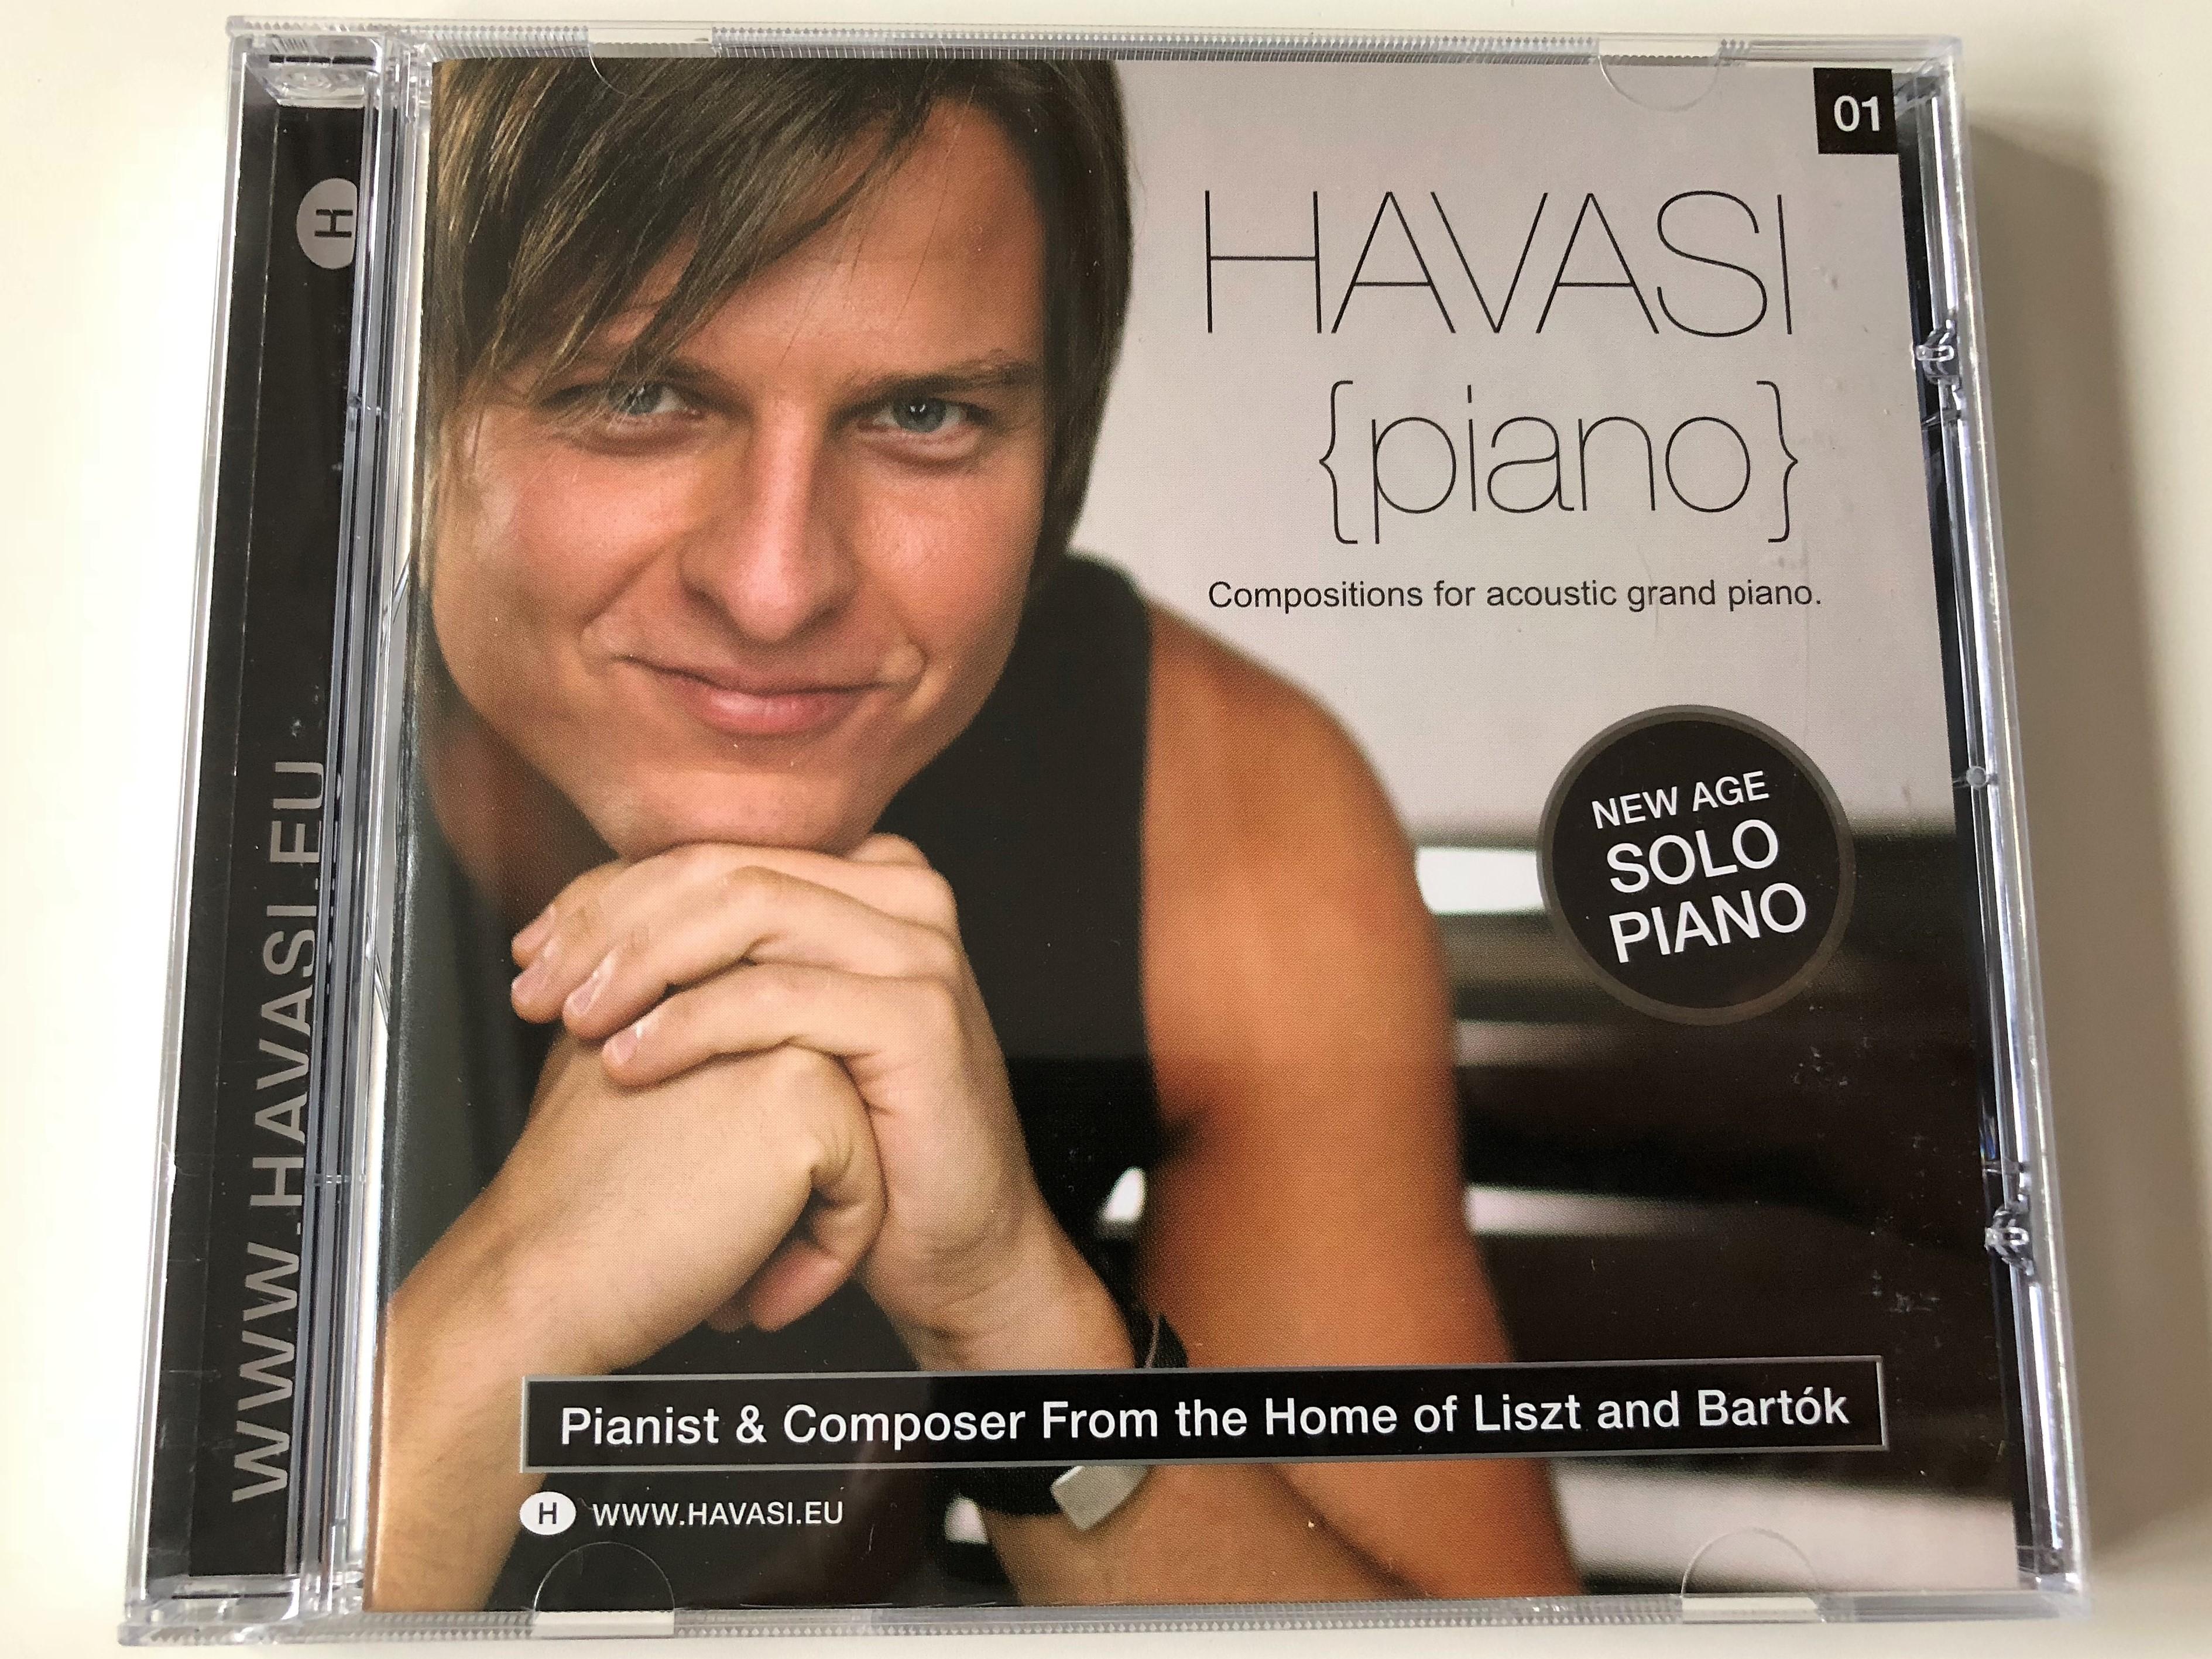 havasi-bal-zs-red-infinity-piano-seven-1-5-.jpg